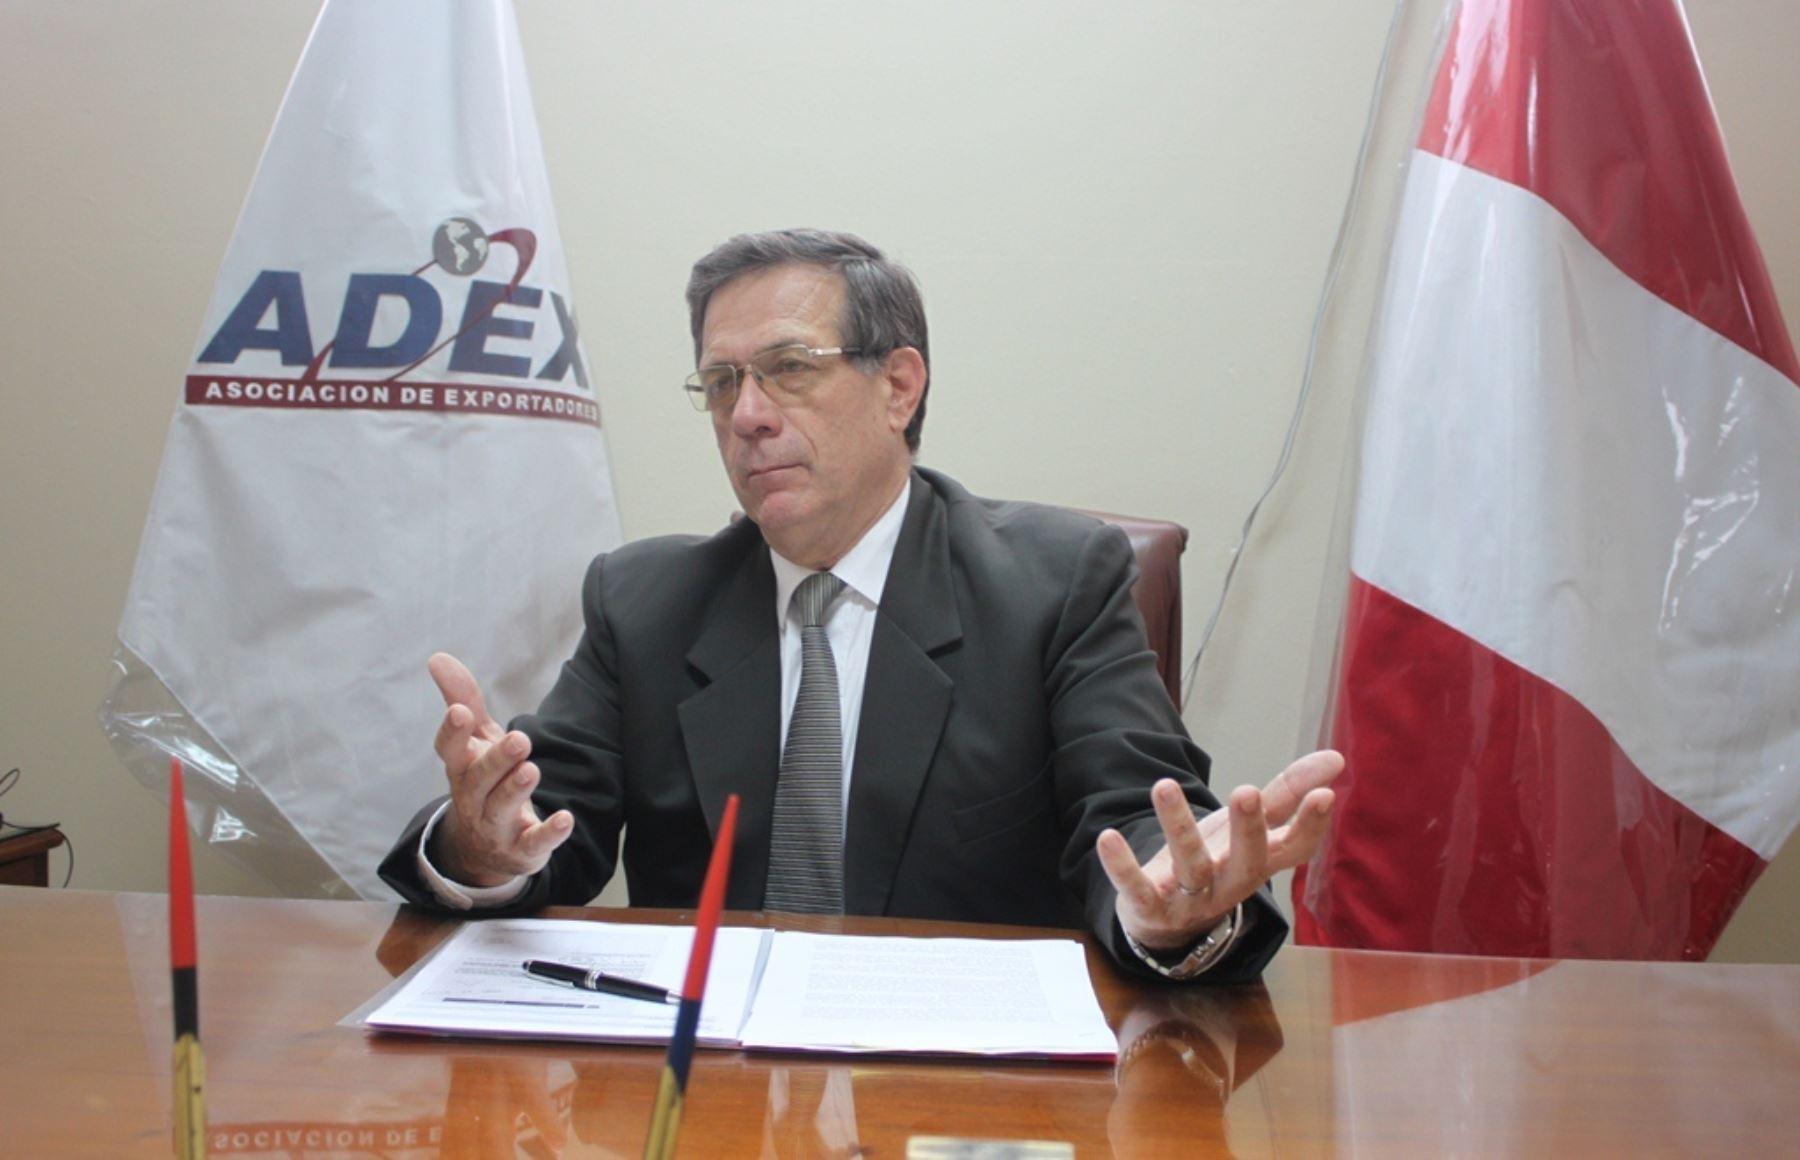 TPP SERÍA UNA OPORTUNIDAD PARA EL DESARROLLO DE LA ECONOMÍA PERUANA